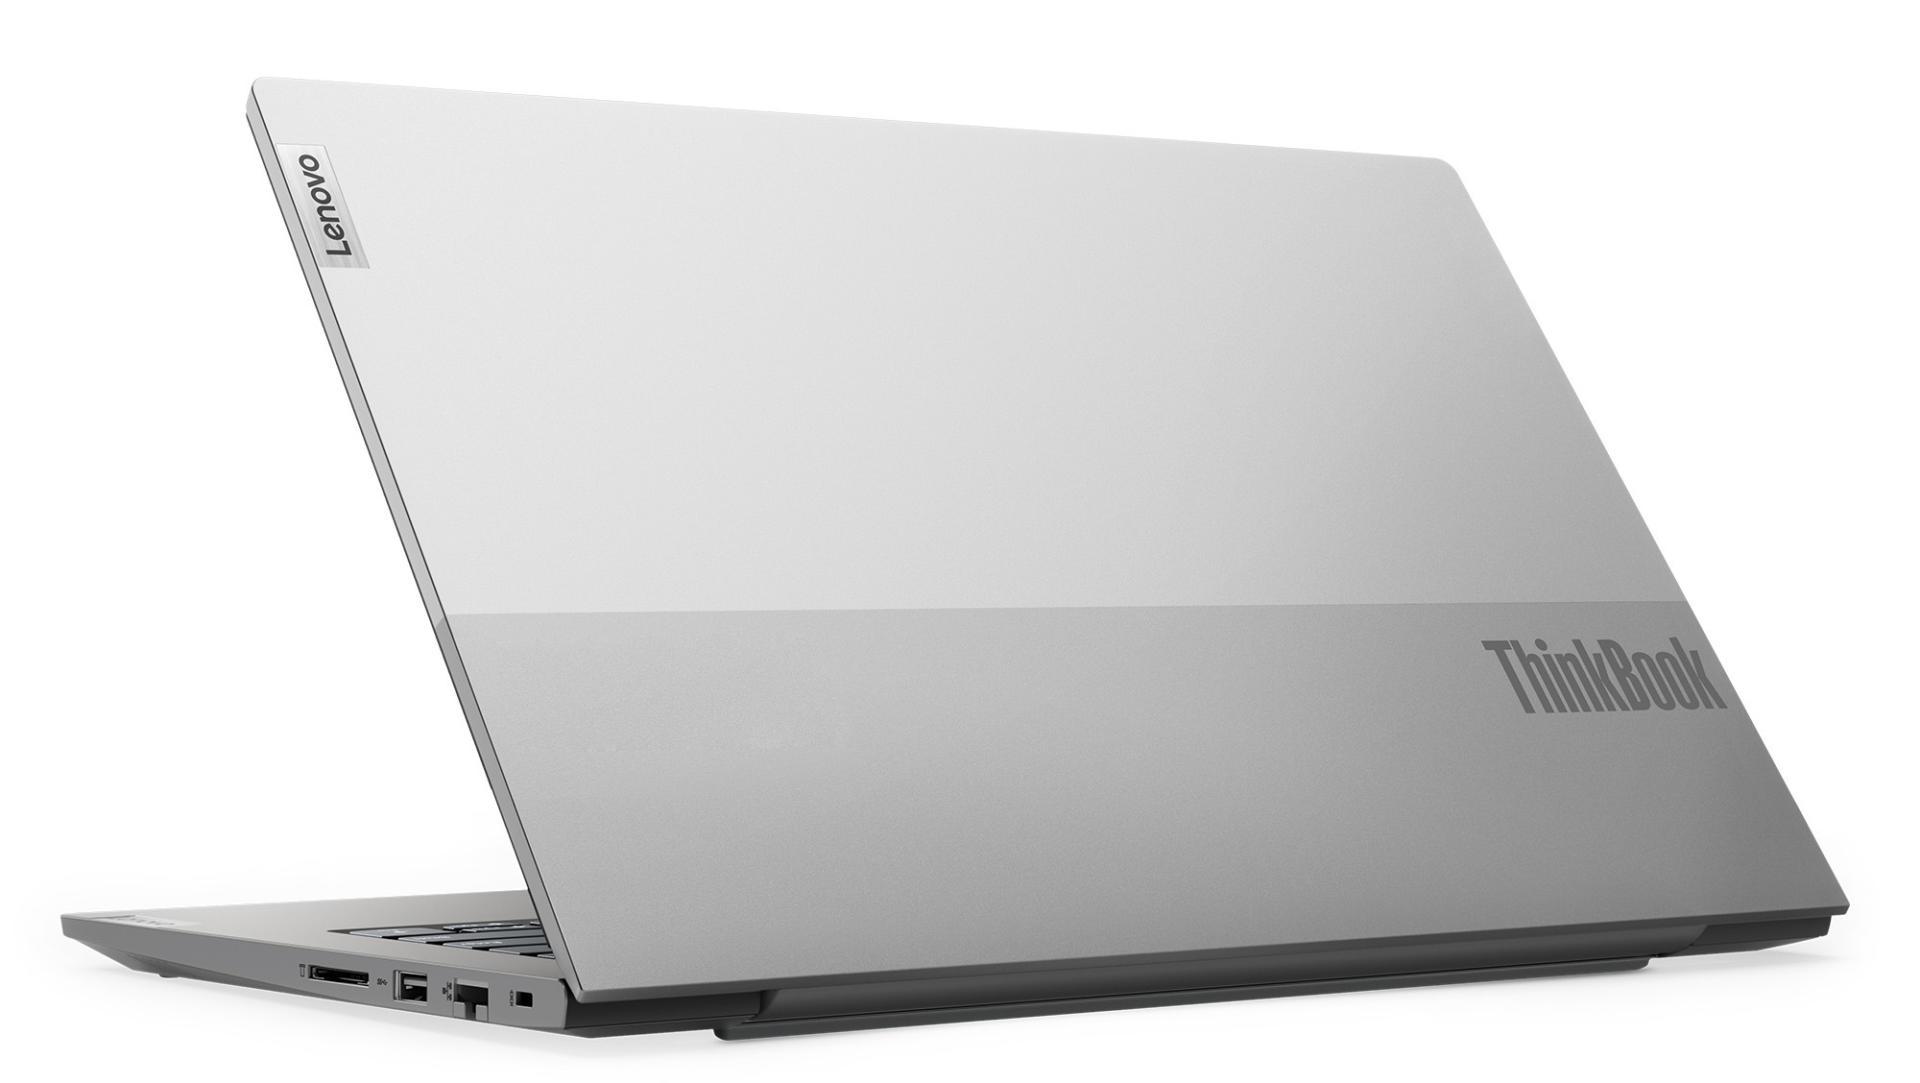 Lenovo giới thiệu bộ đôi ThinkBook Gen 2 dùng chip AMD mới